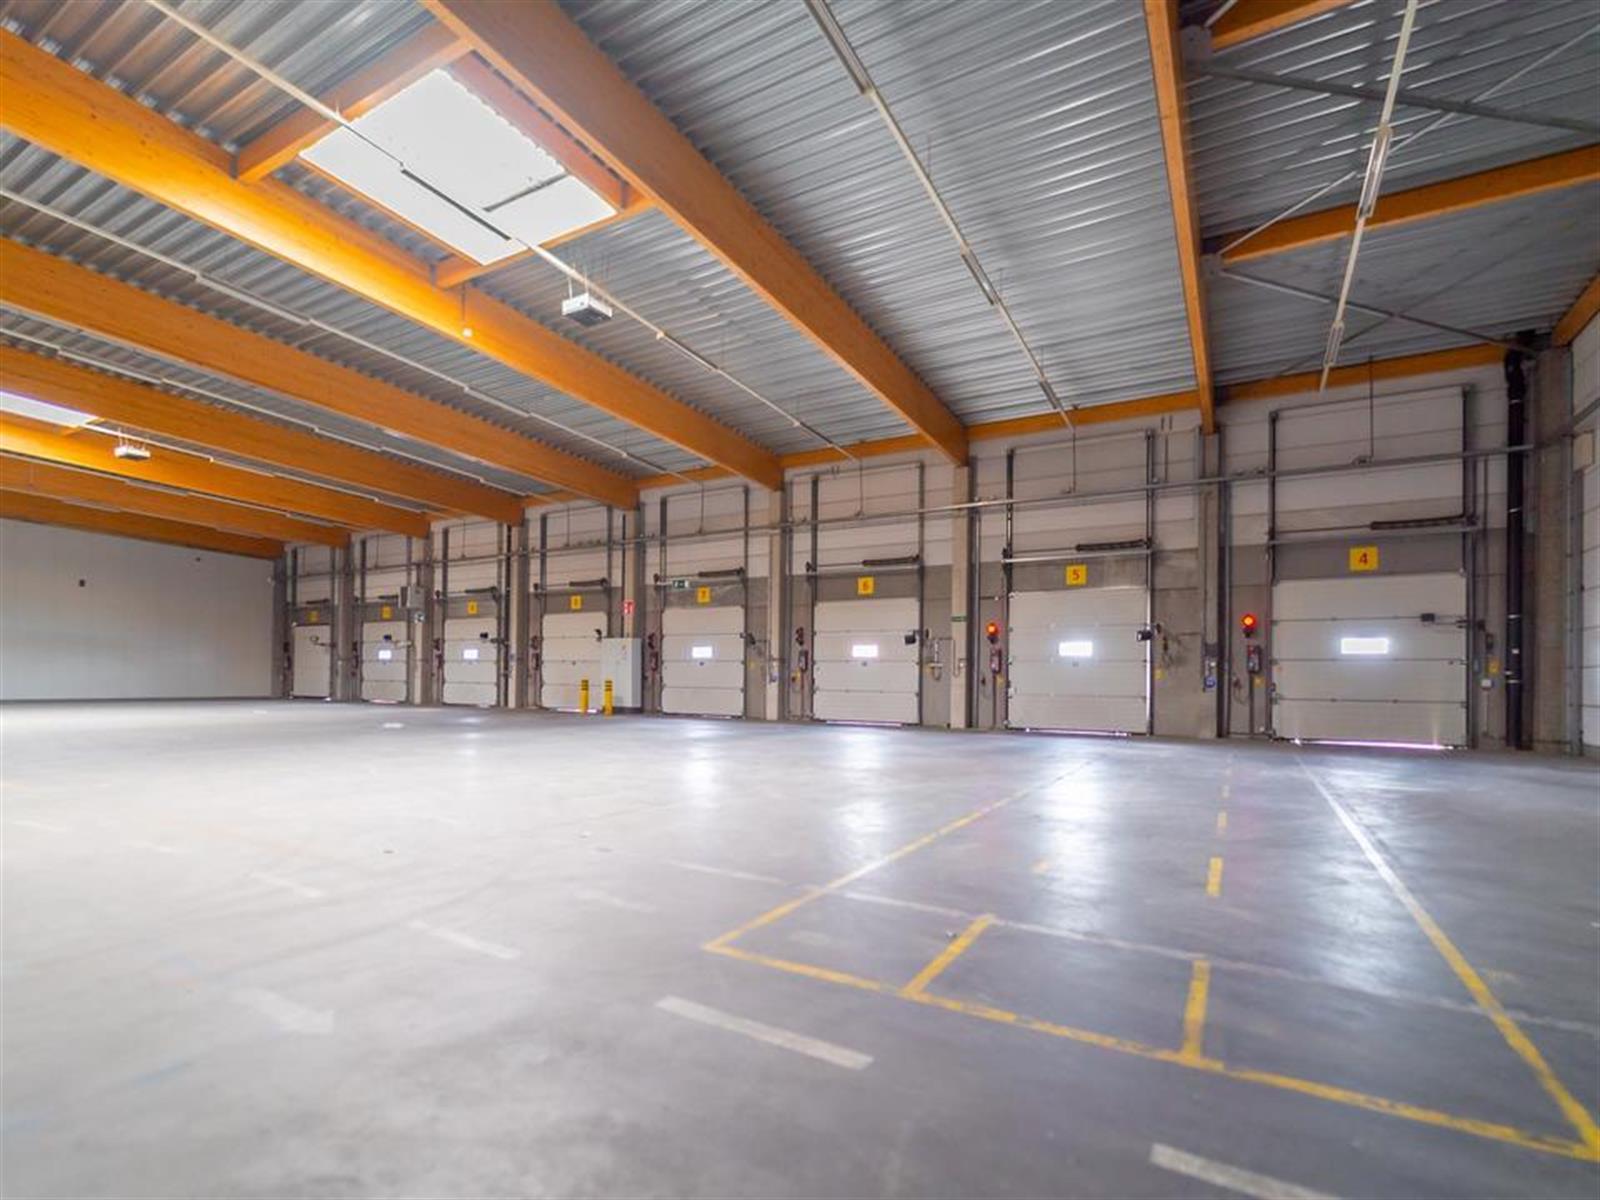 kantoren & magazijn te huur I157 - Satenrozen 11-13, 2550 Kontich, België 1